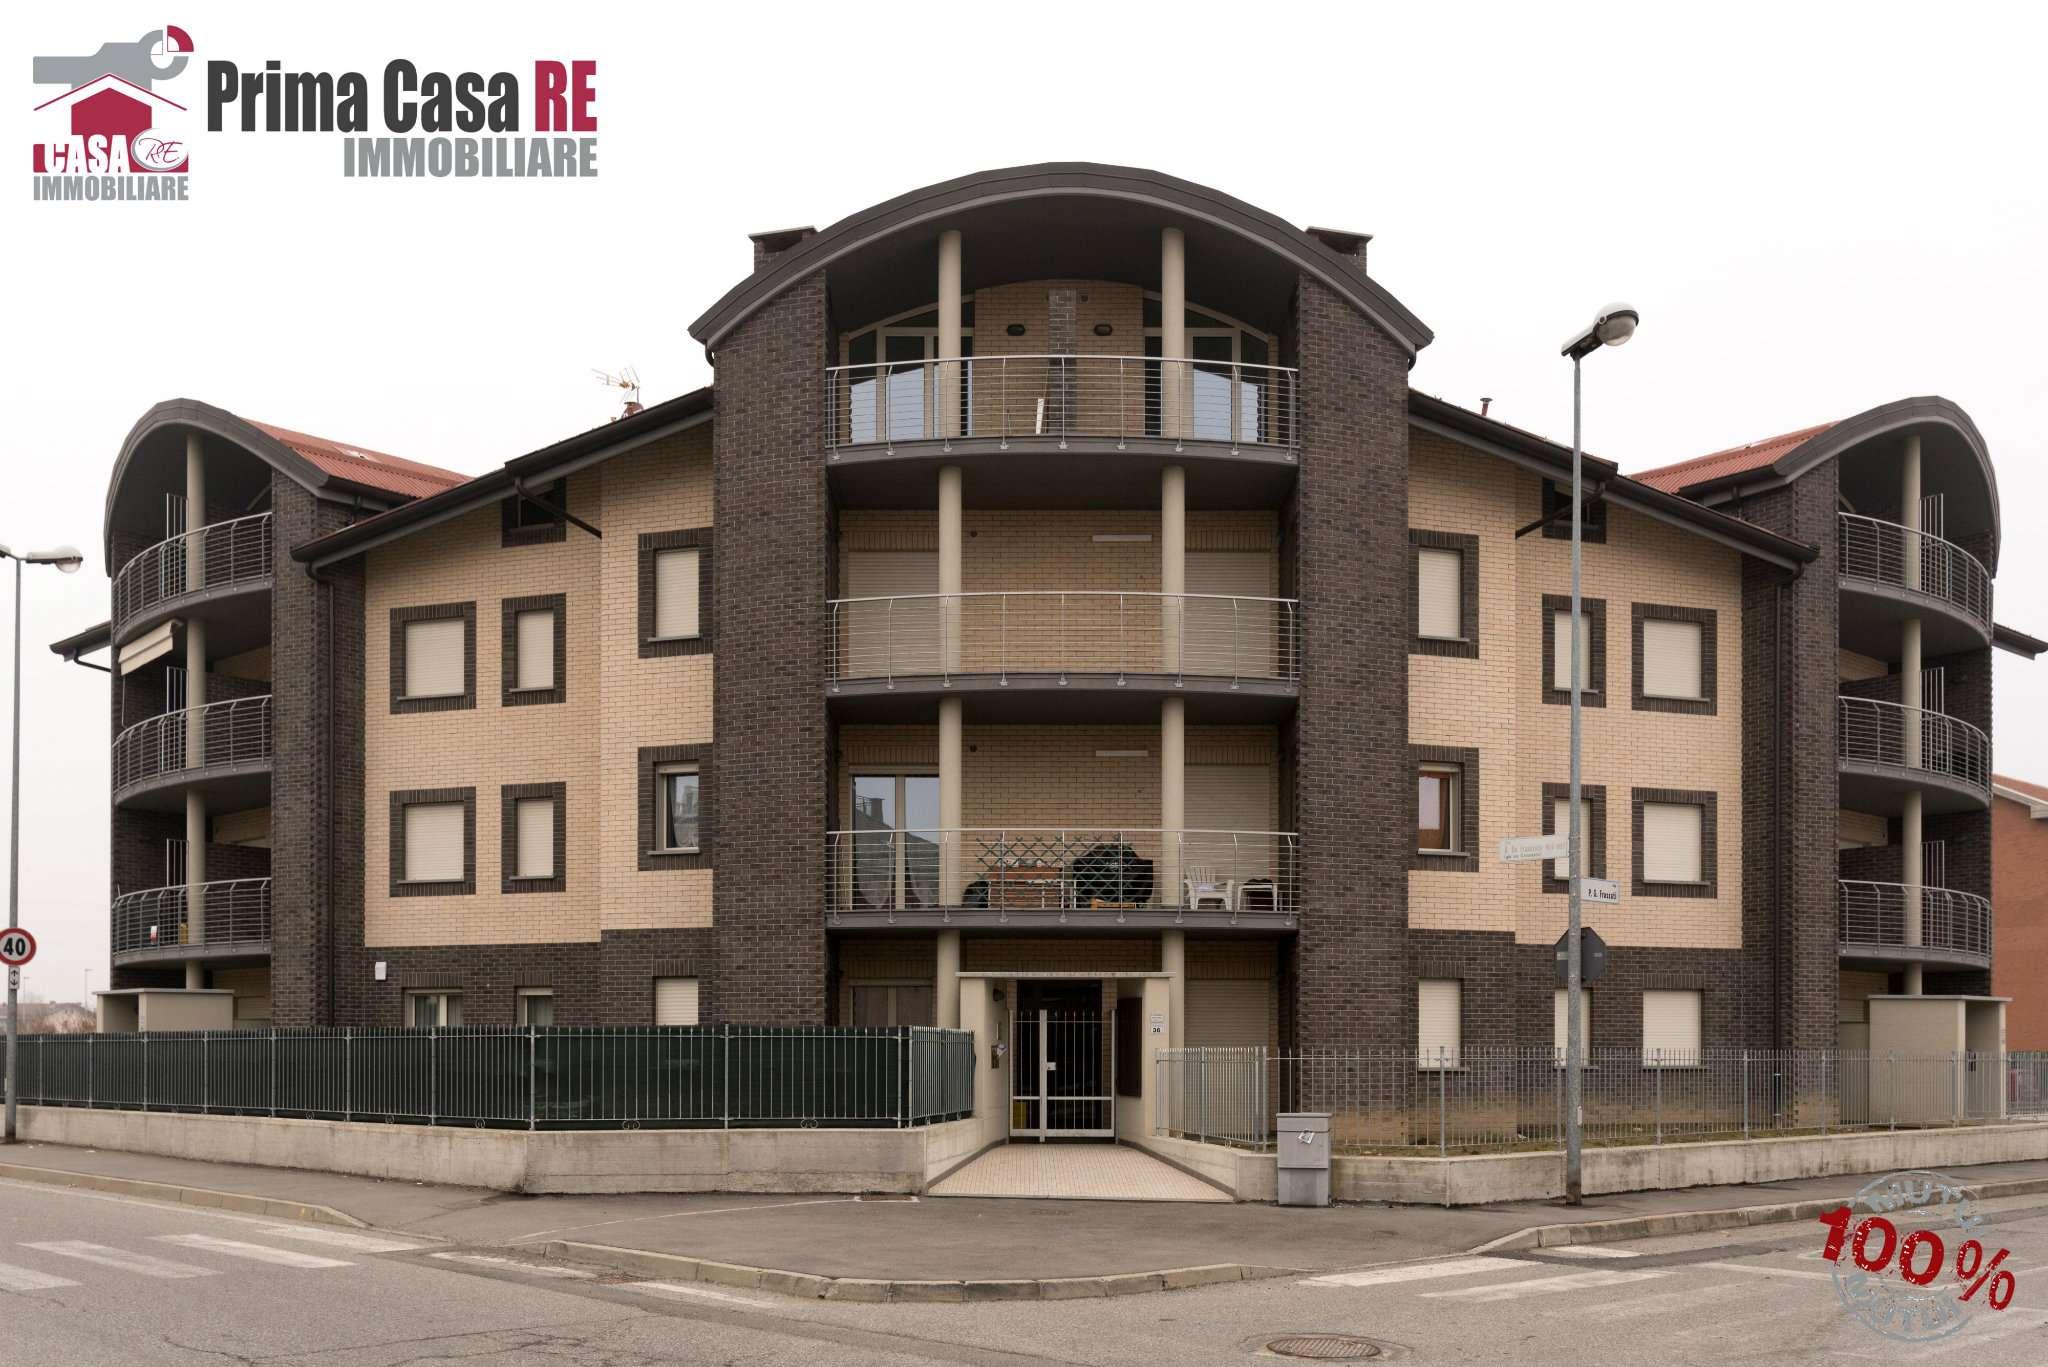 Attico / Mansarda in vendita a Settimo Torinese, 3 locali, prezzo € 199.000 | CambioCasa.it